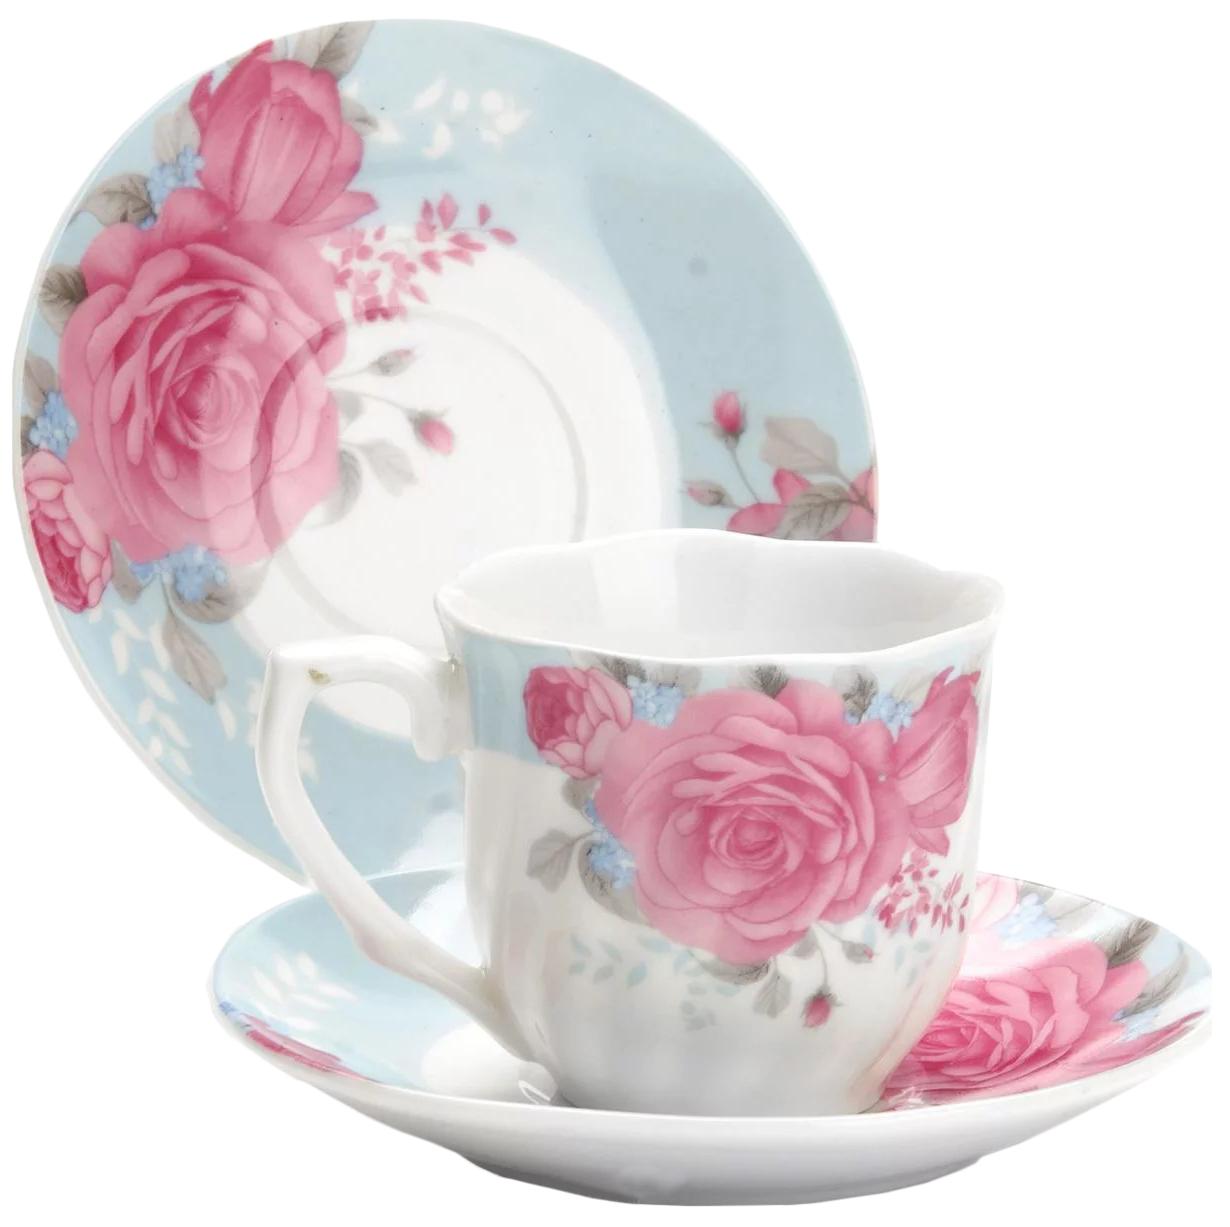 Кофейный набор Lorane 25958 Белый, розовый